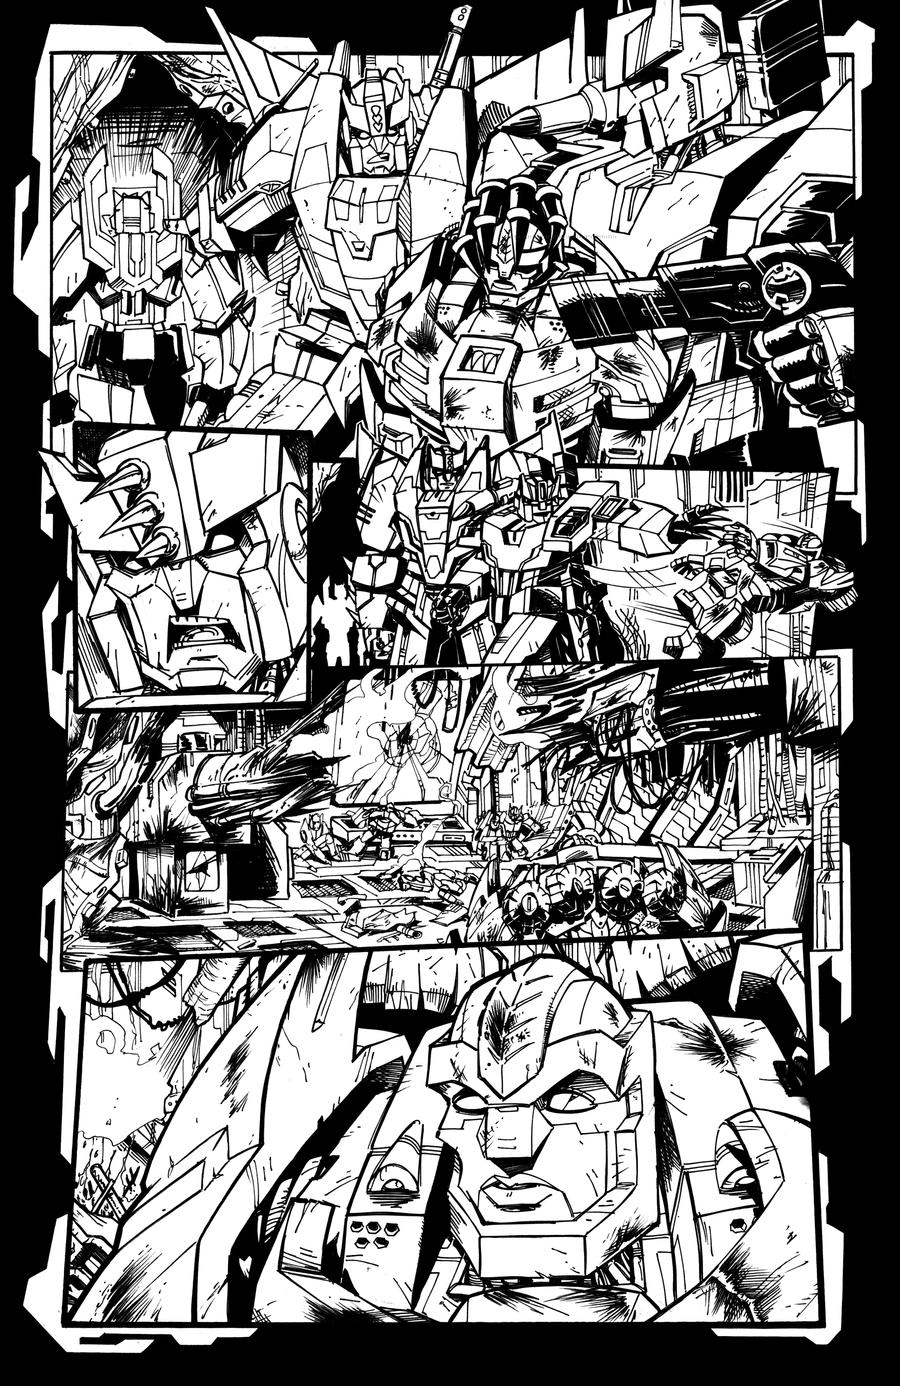 Csirac Transwarp page 7 by channandeller